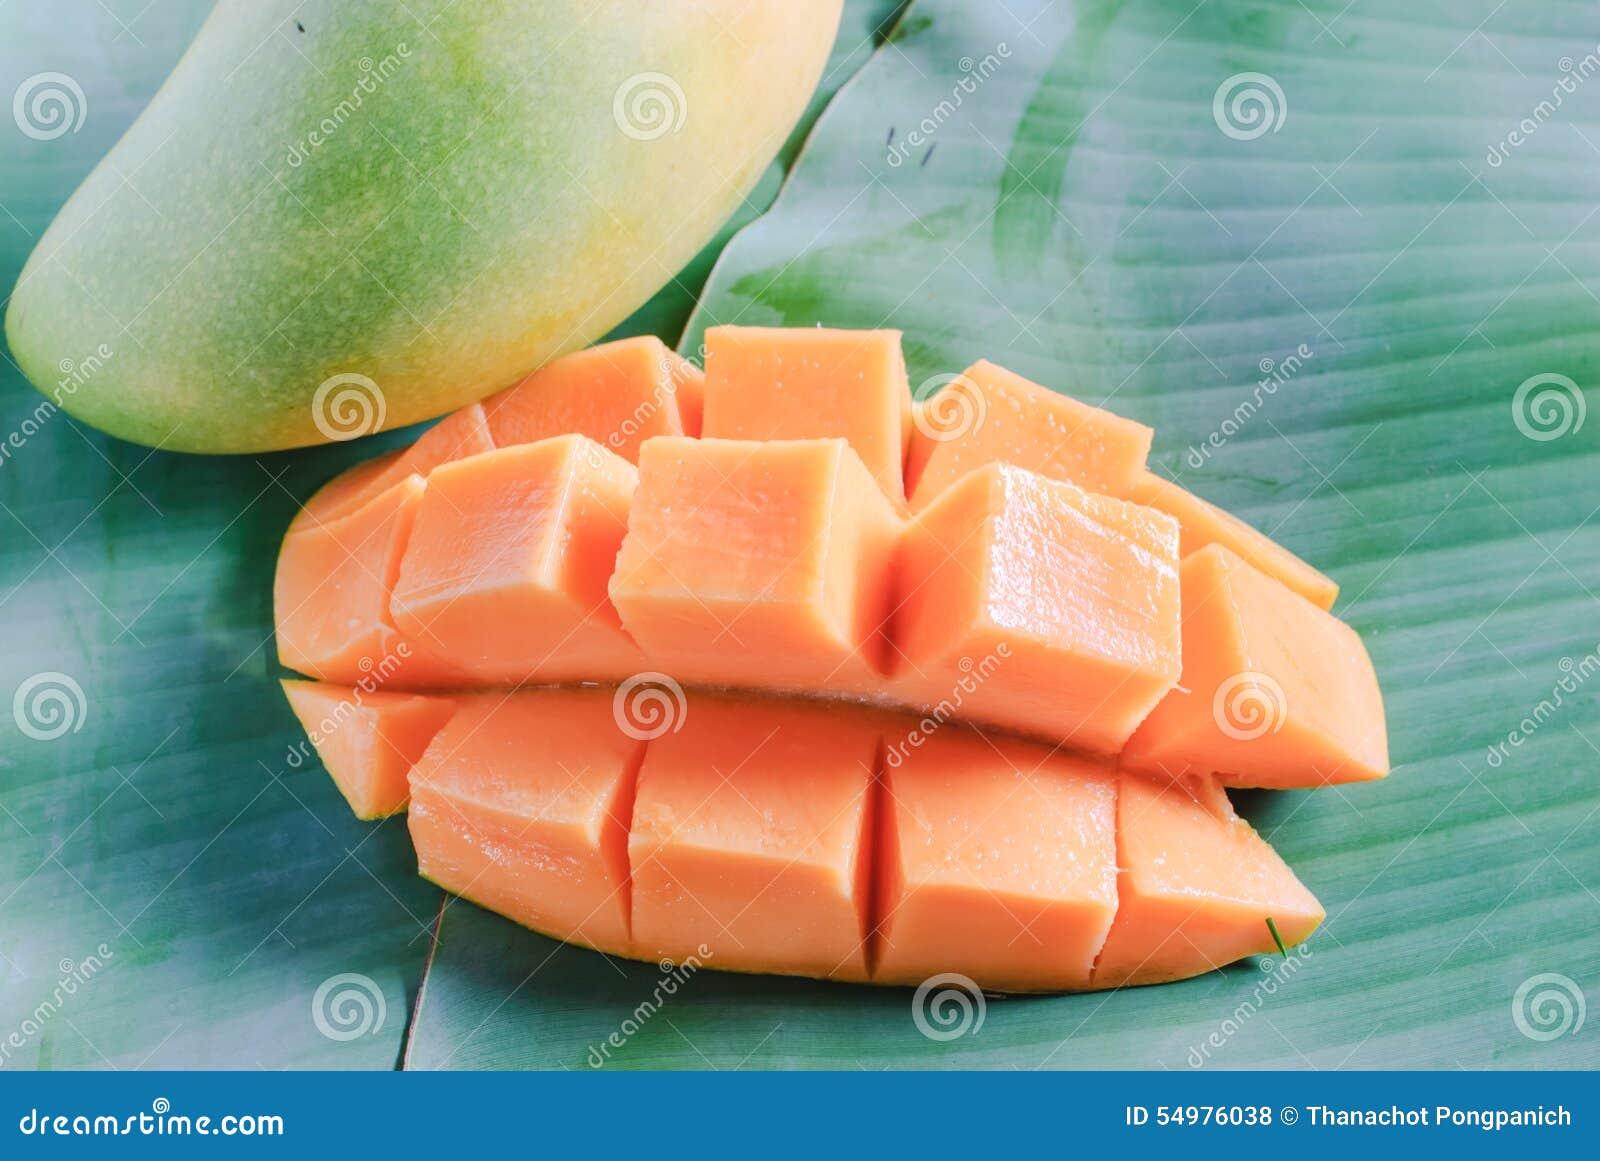 Mogen mango med skivor på banansidor